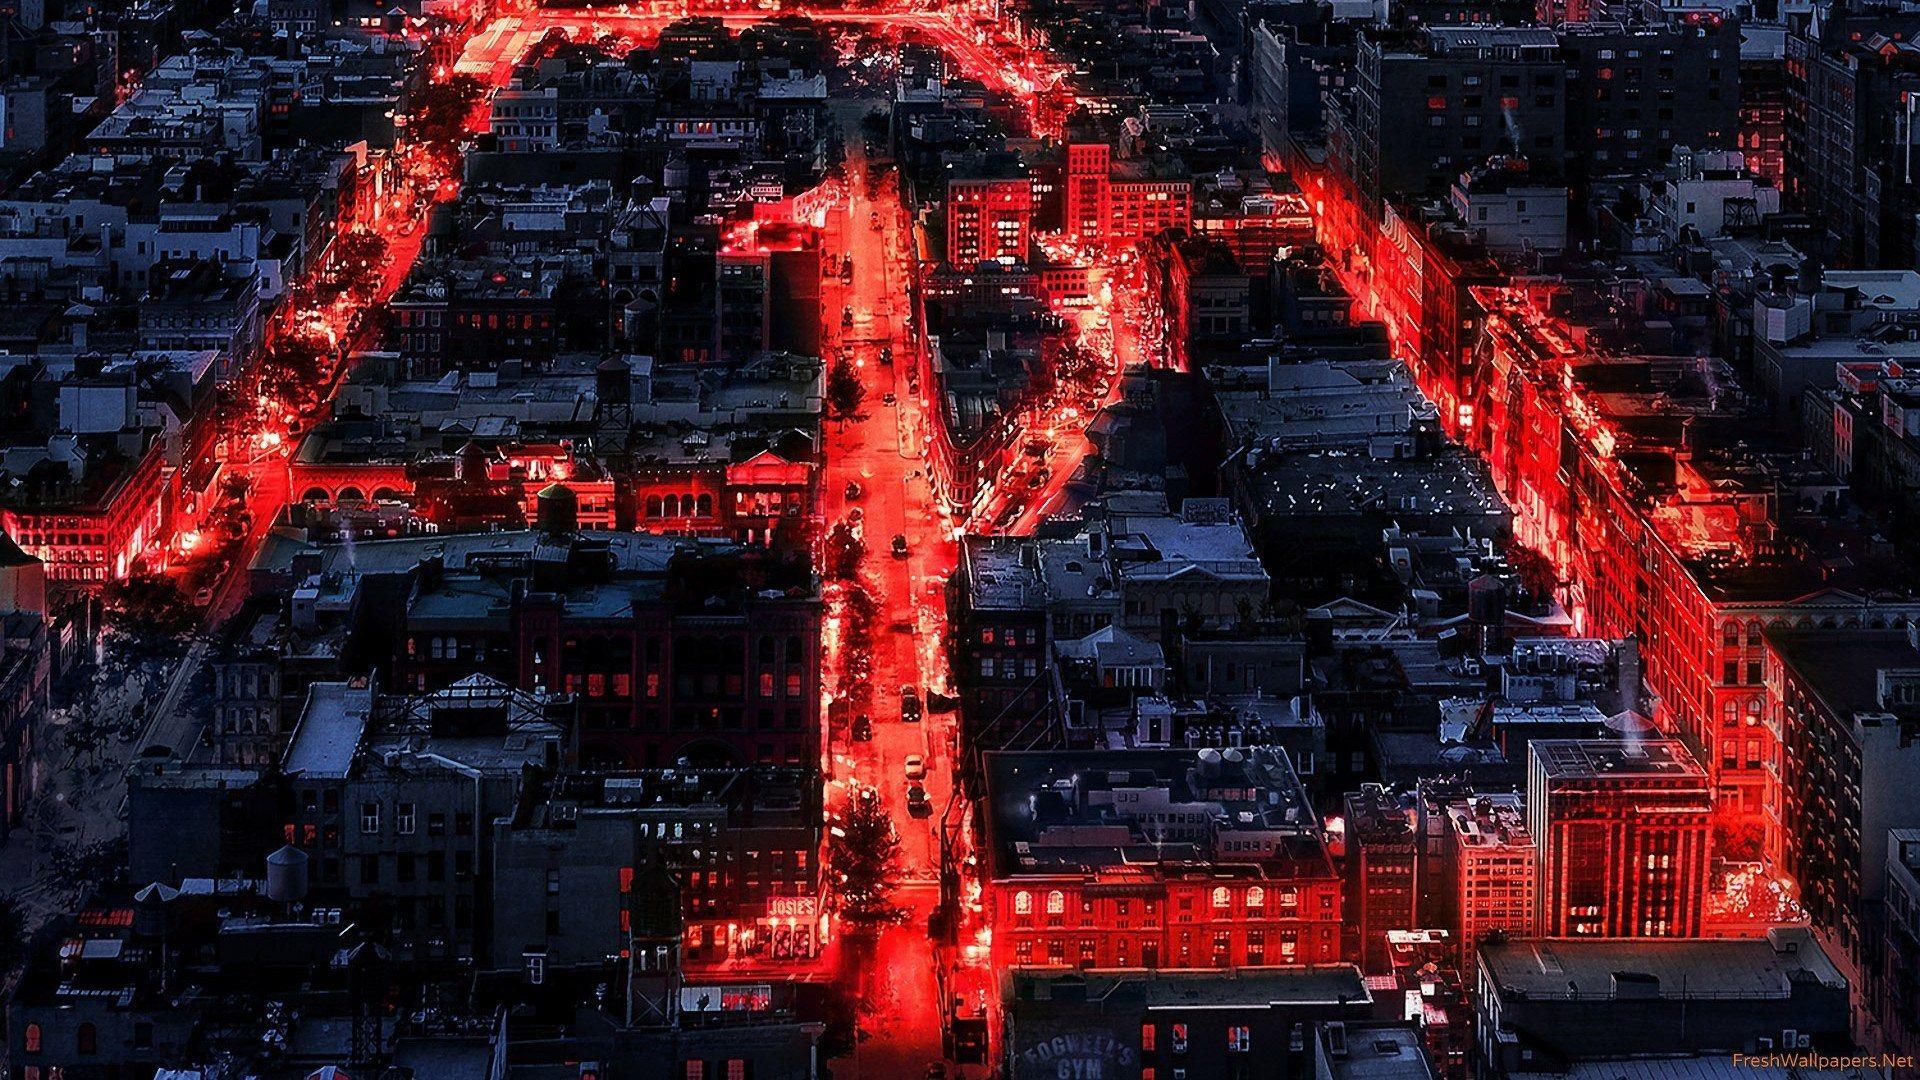 1920x1080 daredevil hd wallpaper download free Daredevil